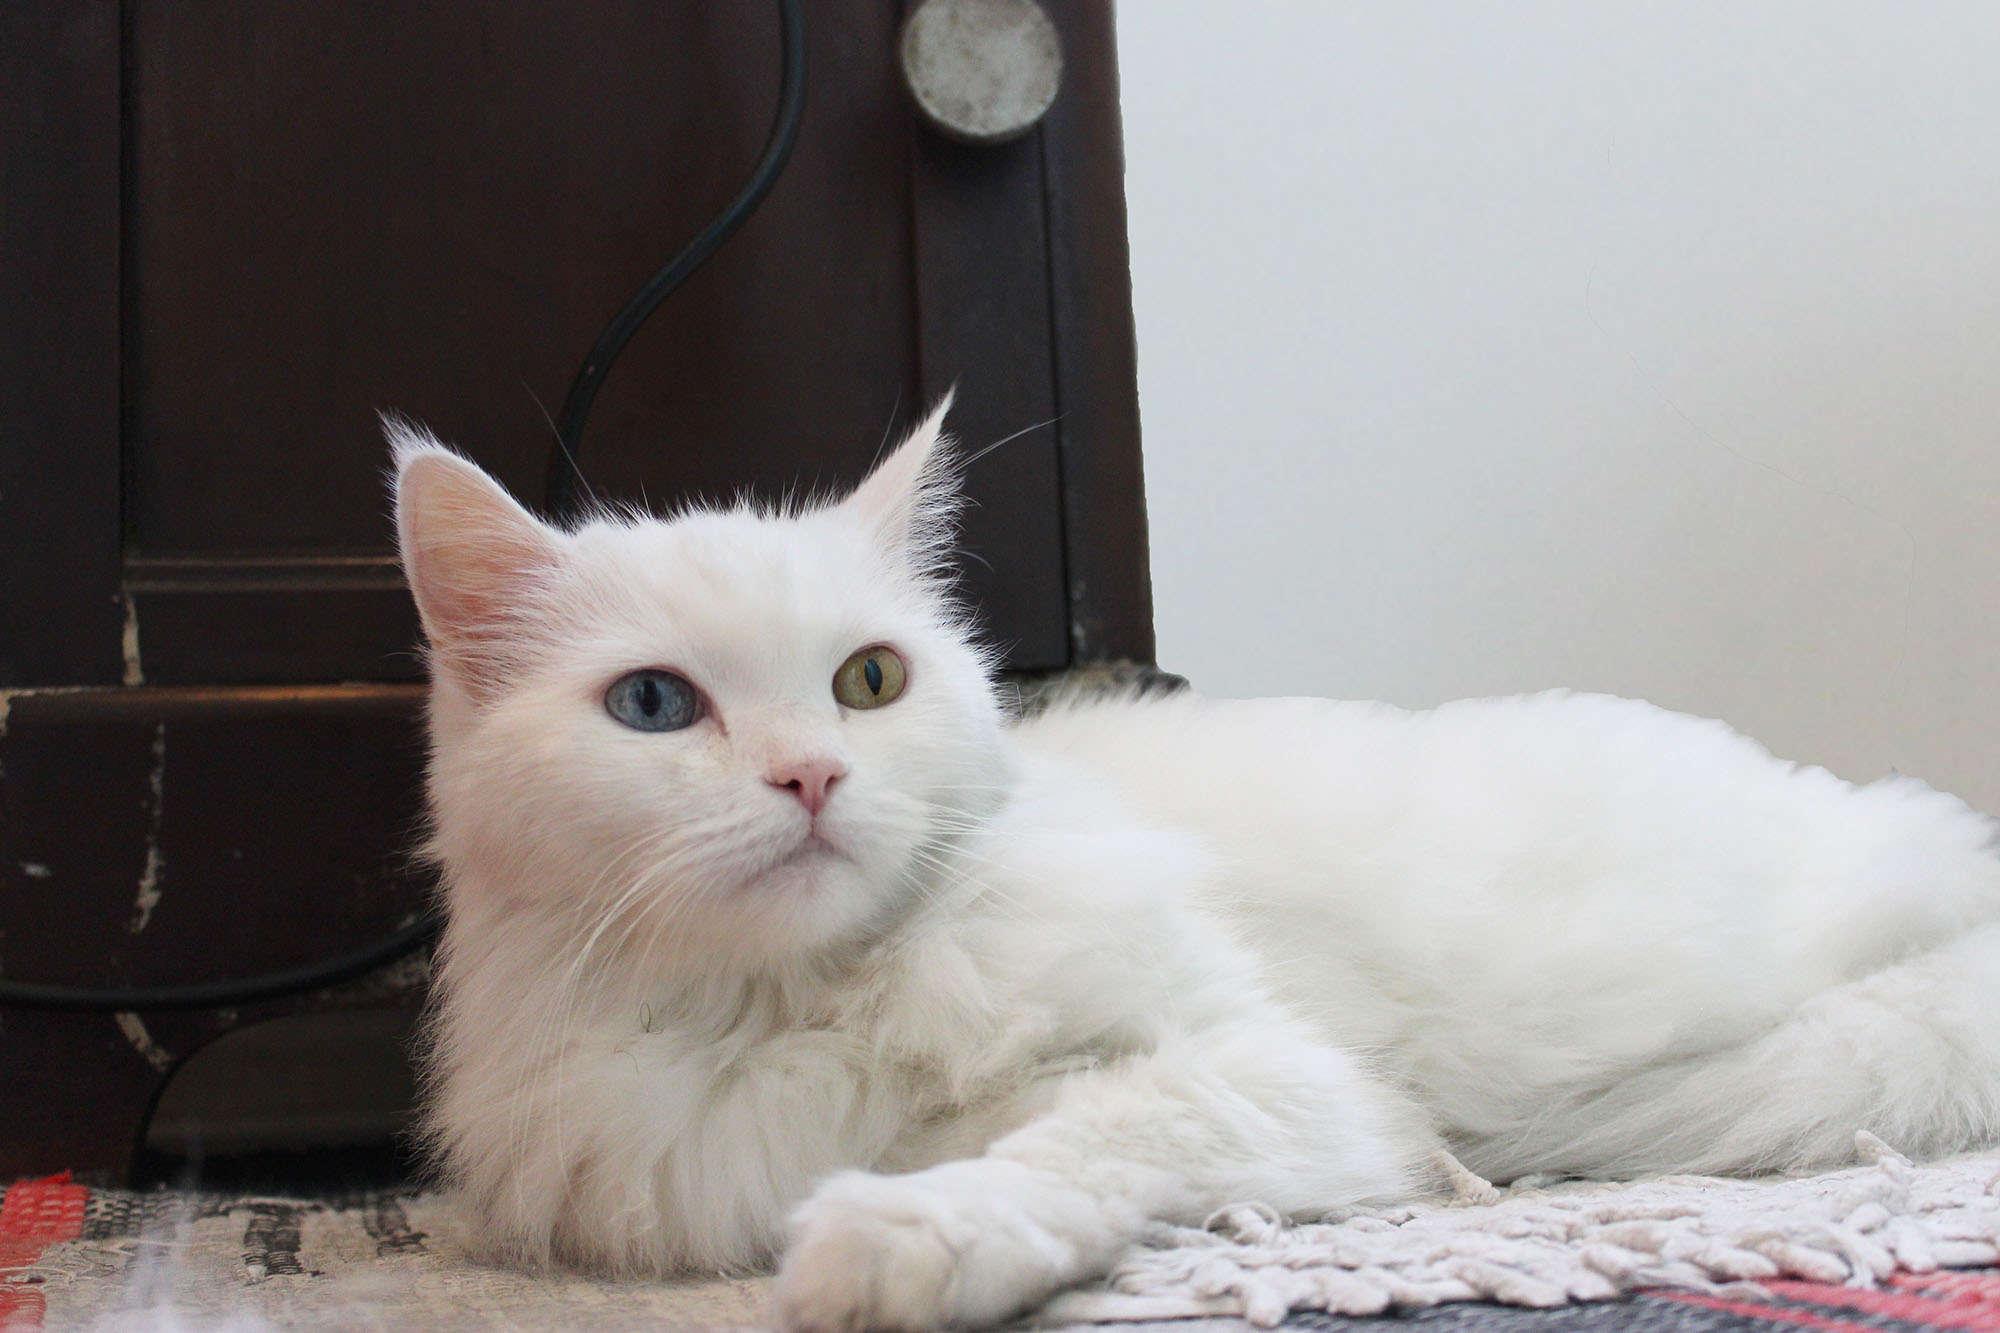 foto da gata Greta que tem um olho azul e outro verde